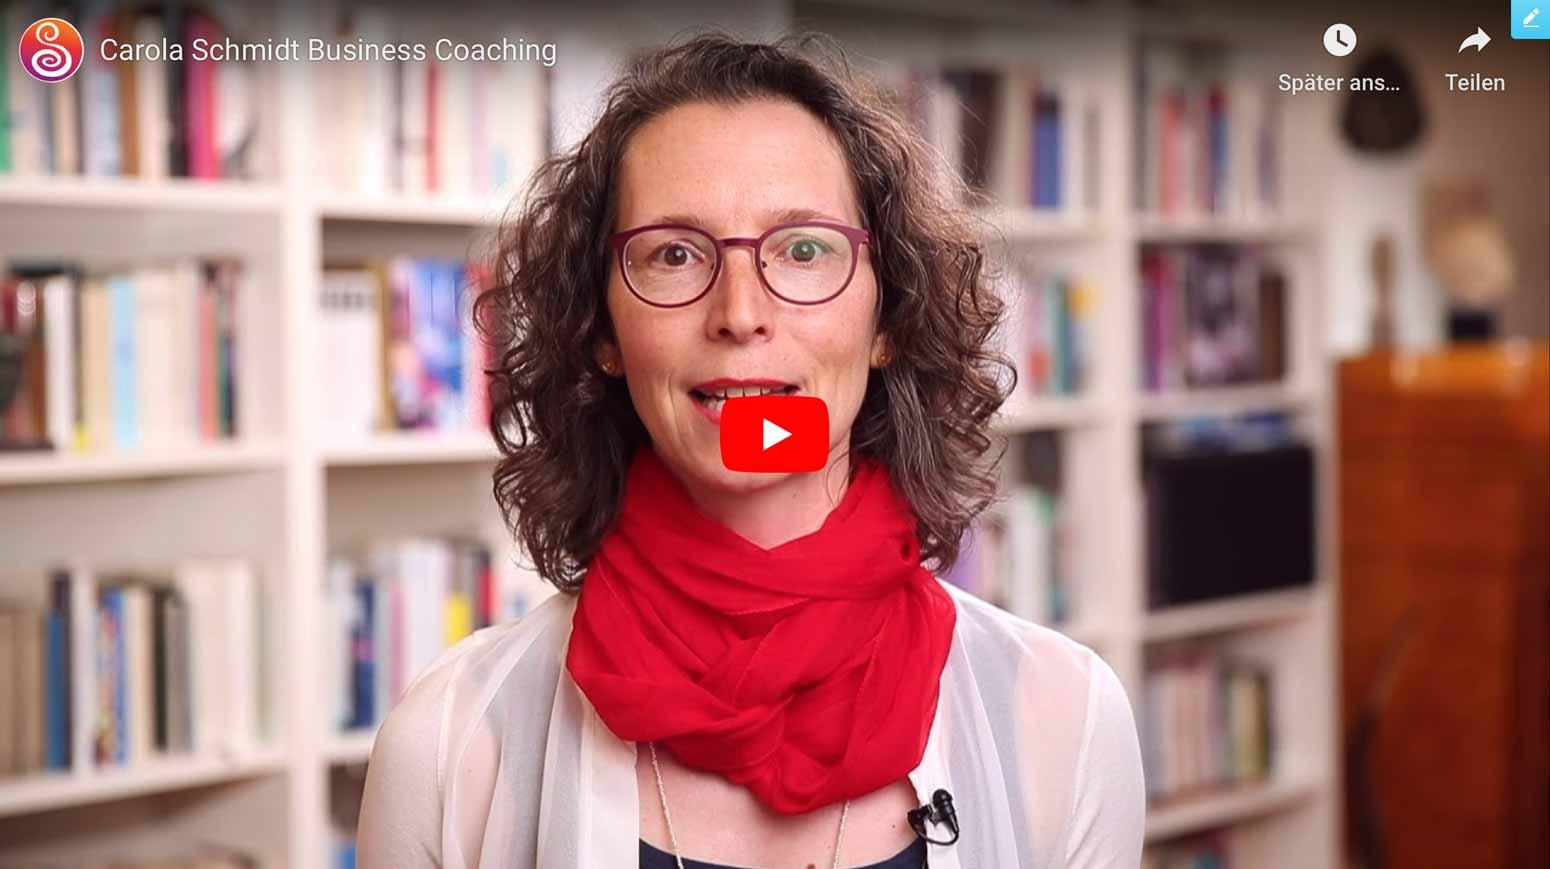 Carola Schmidt systemischer Coach